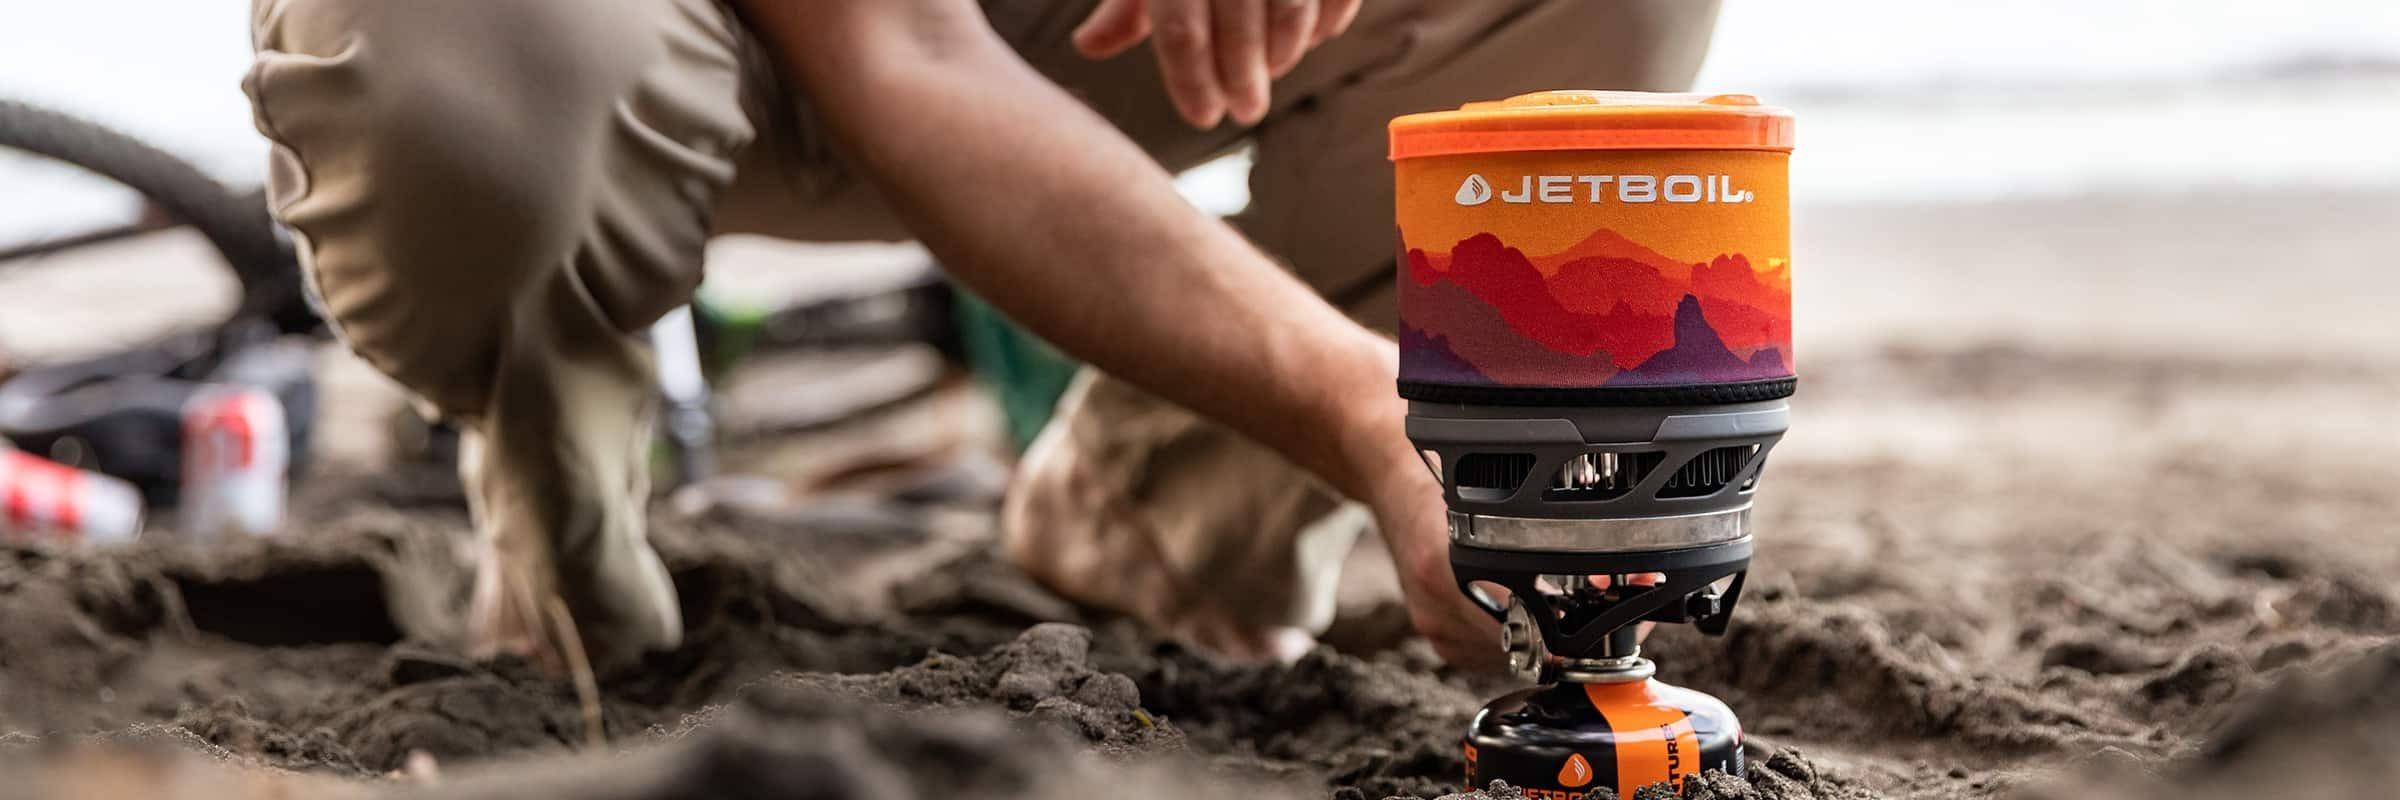 Revue du système de cuisson JetBoil MiniMo